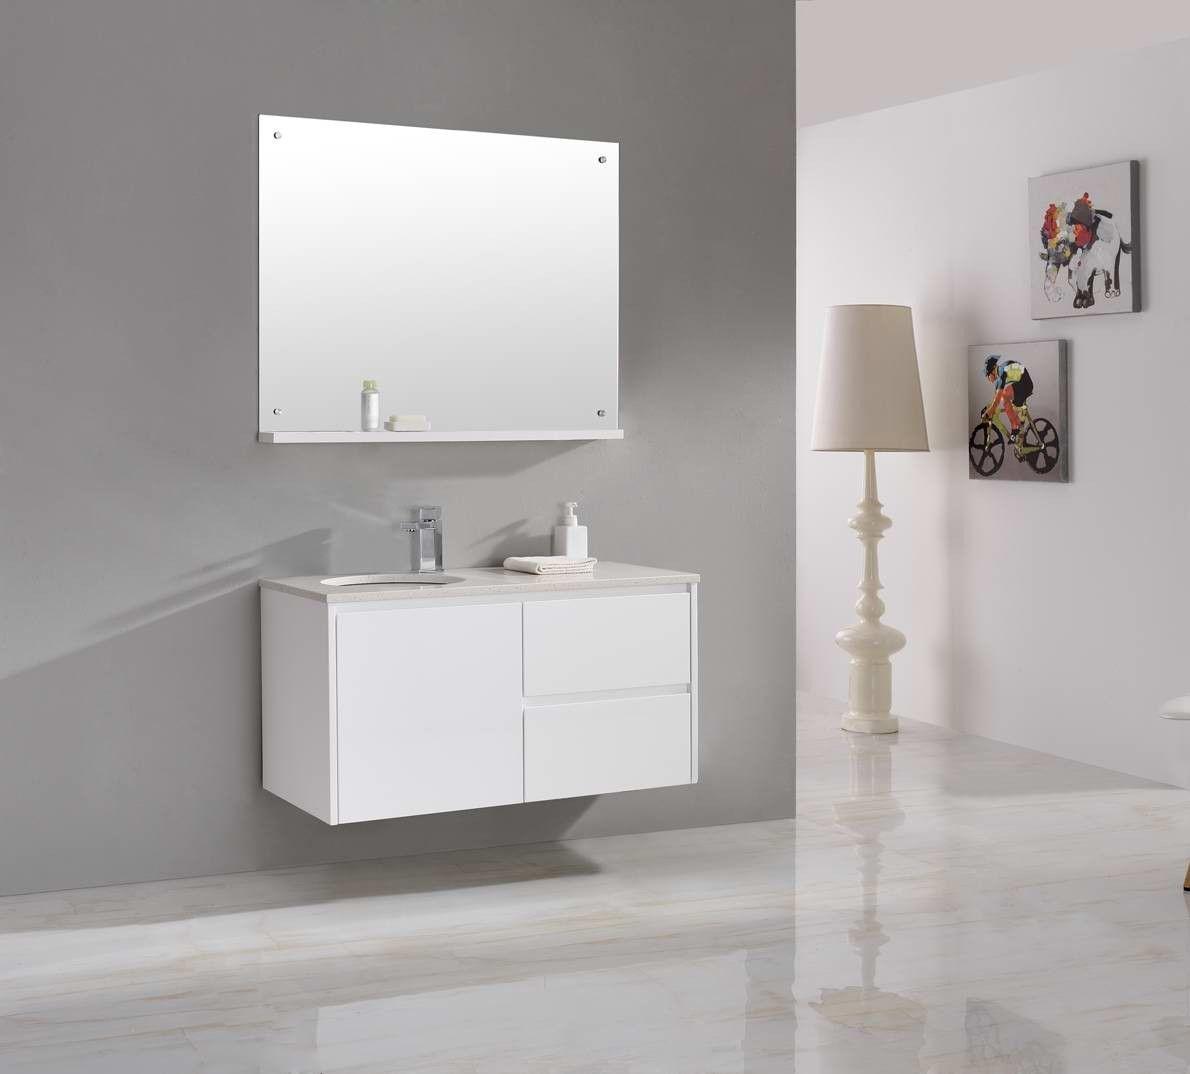 Luxor 1000mm Vanity White   Bathroom Design   Pinterest   Vanities ...